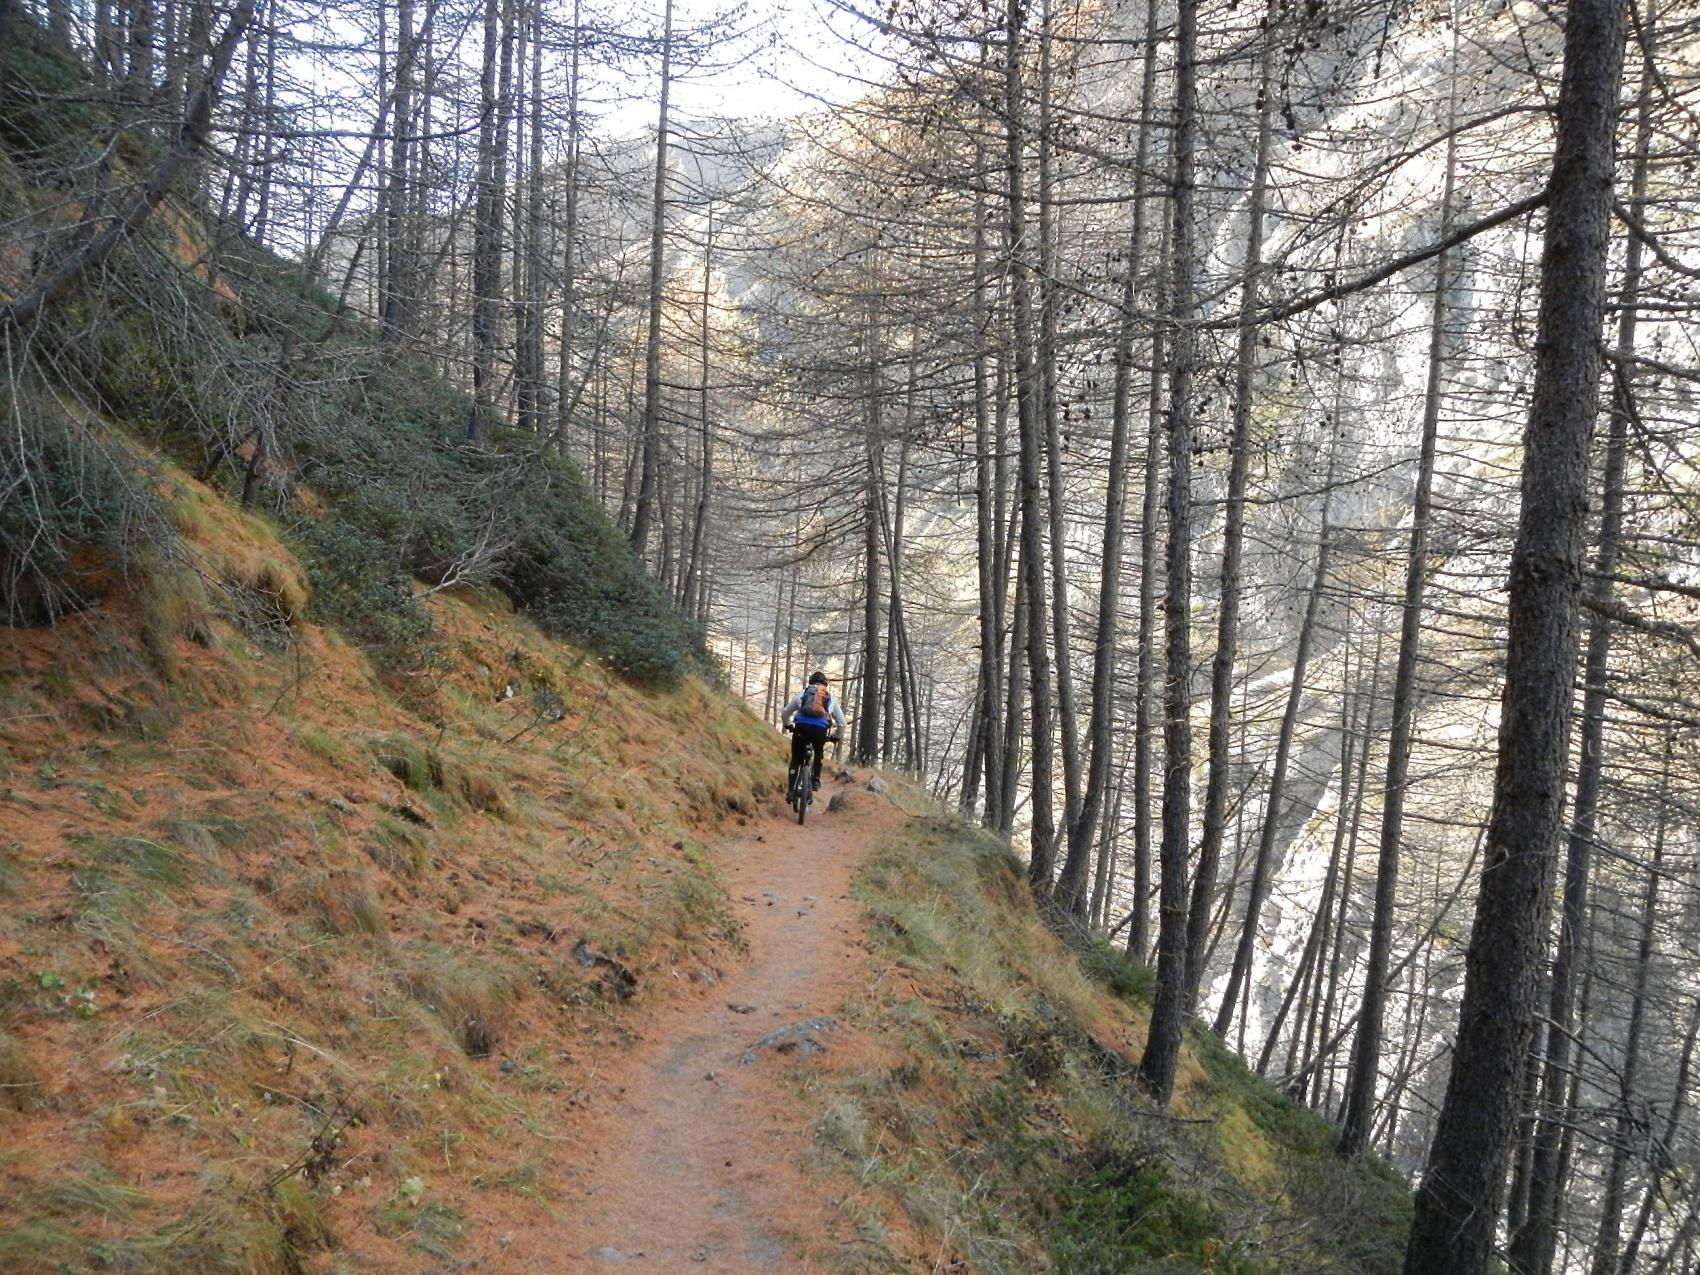 il lungo tratto di sentiero nel bosco di larici